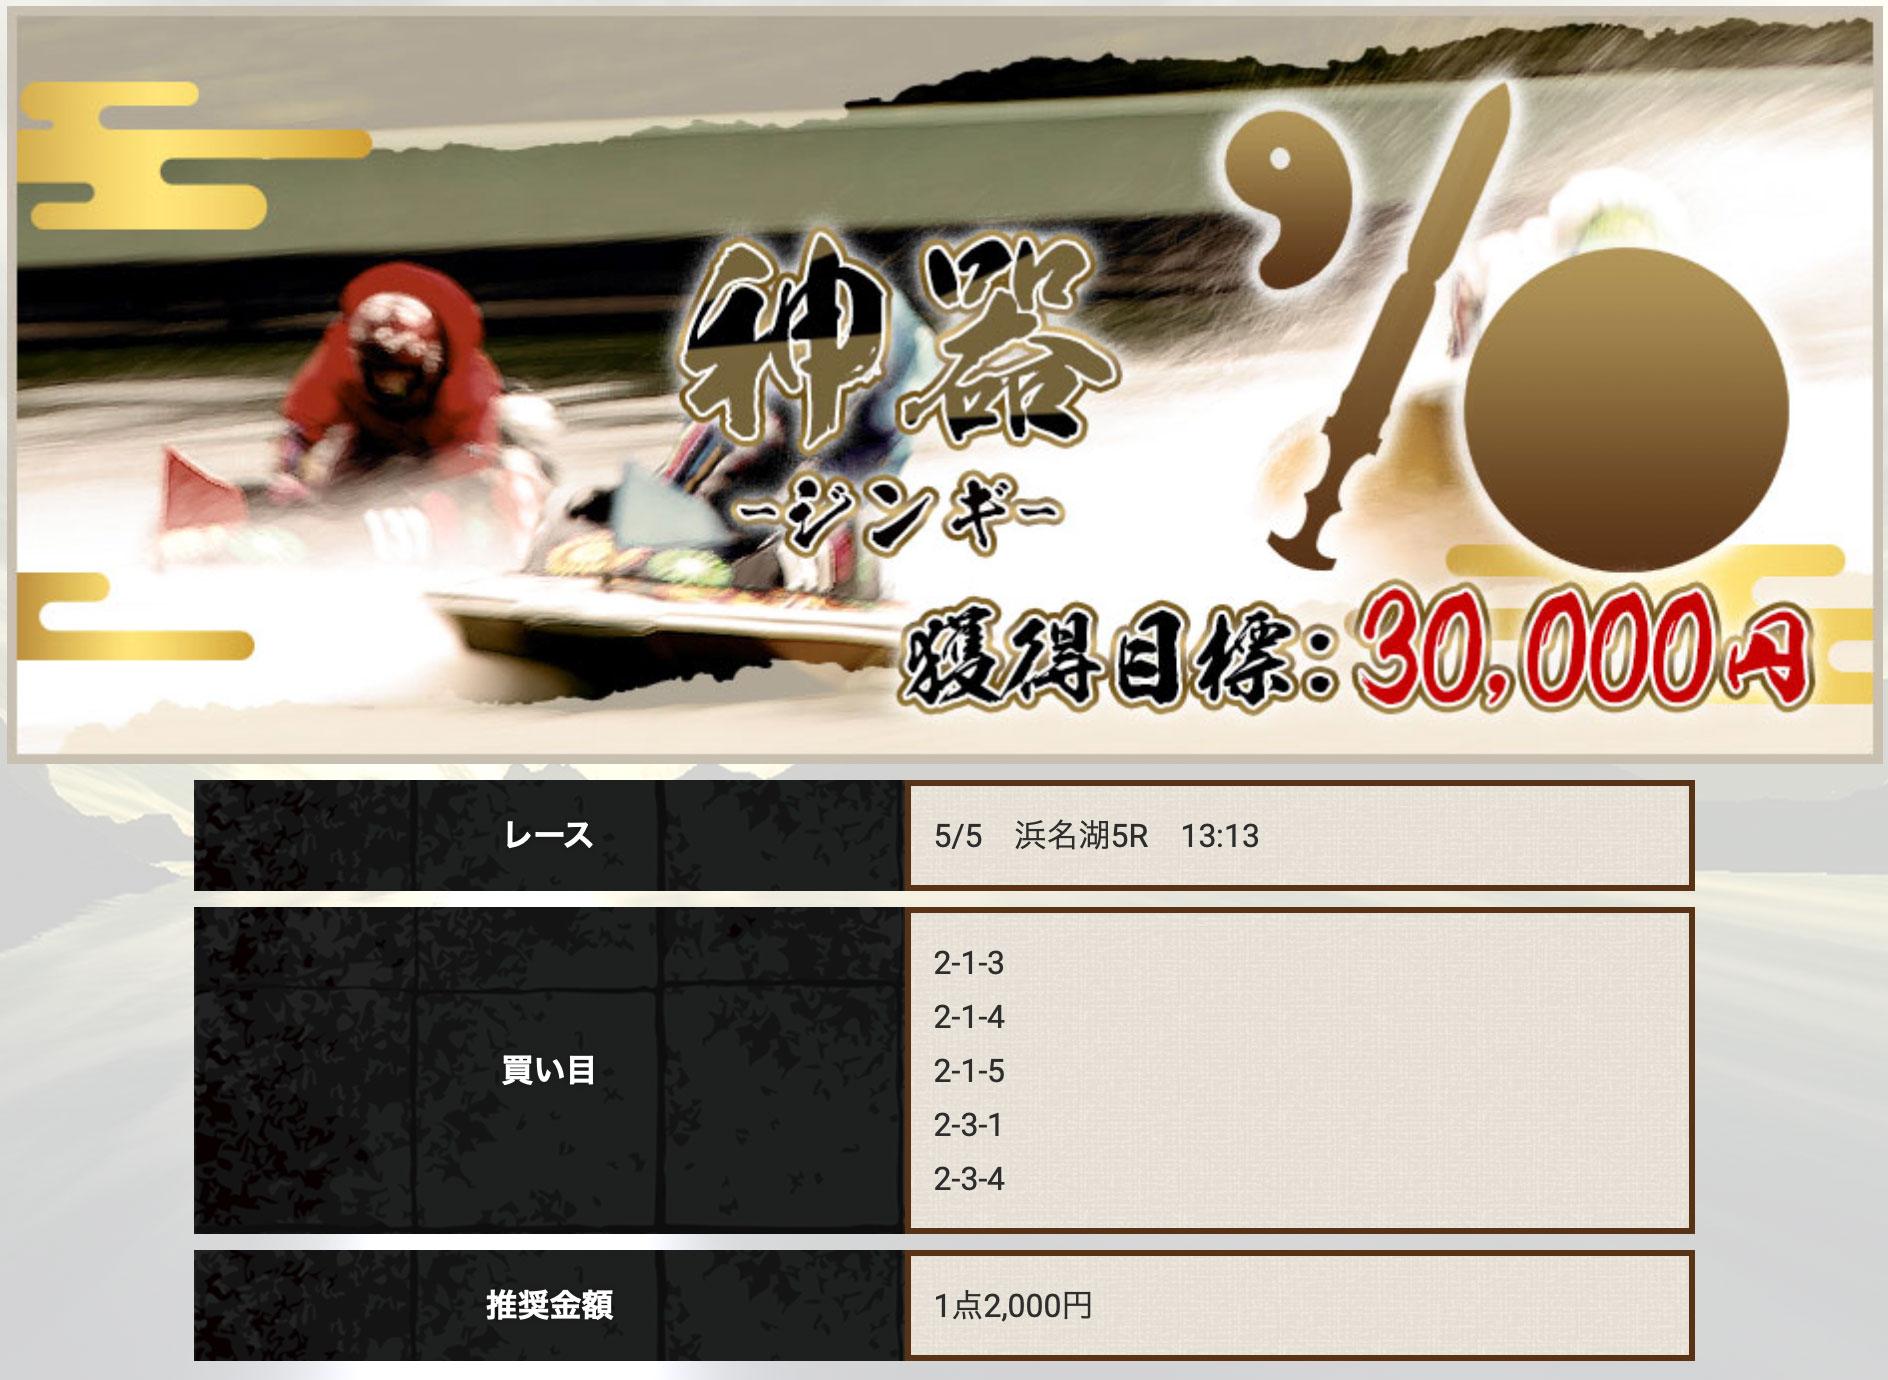 競艇神風(かみかぜ) 優良競艇予想サイト・悪徳競艇予想サイトの口コミ検証や無料情報の予想結果も公開中 2021年5月5日「神器(じんぎ)」買い目